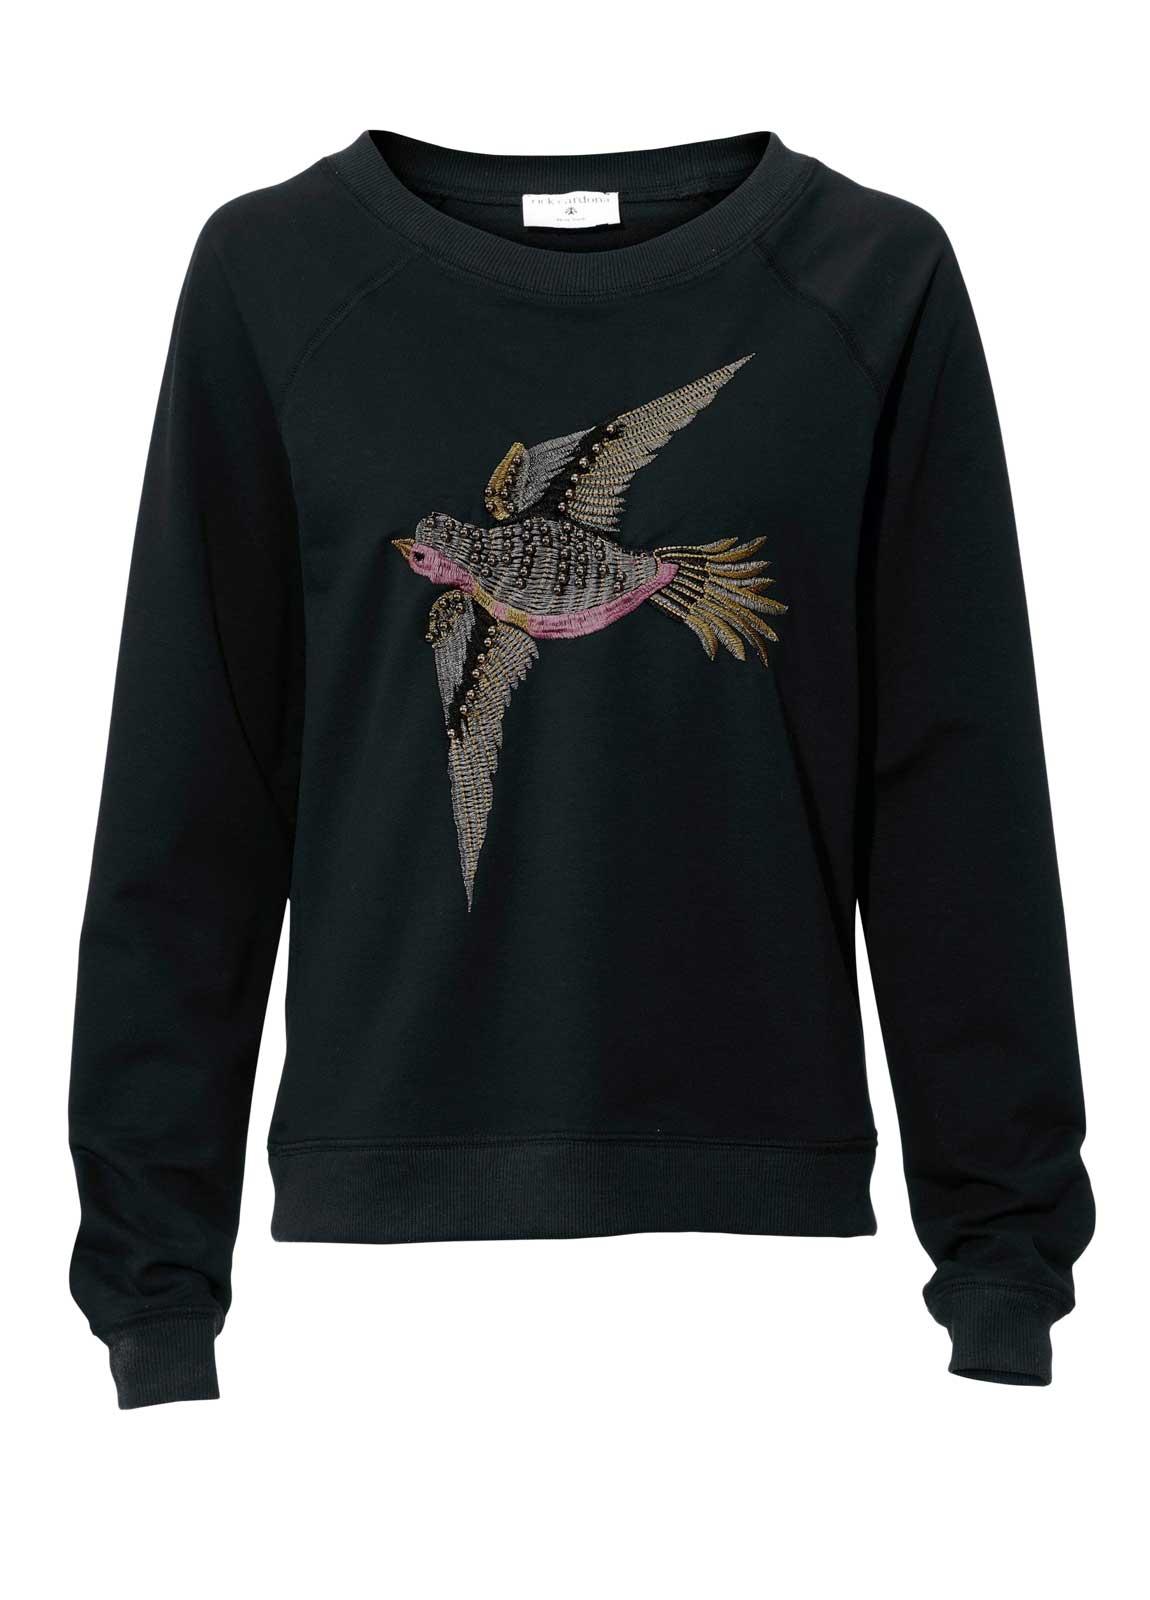 sweatshirts auf rechnung RICK CARDONA Damen Designer-Sweatshirt m. Perlen Schwarz 042.021 MISSFORTY